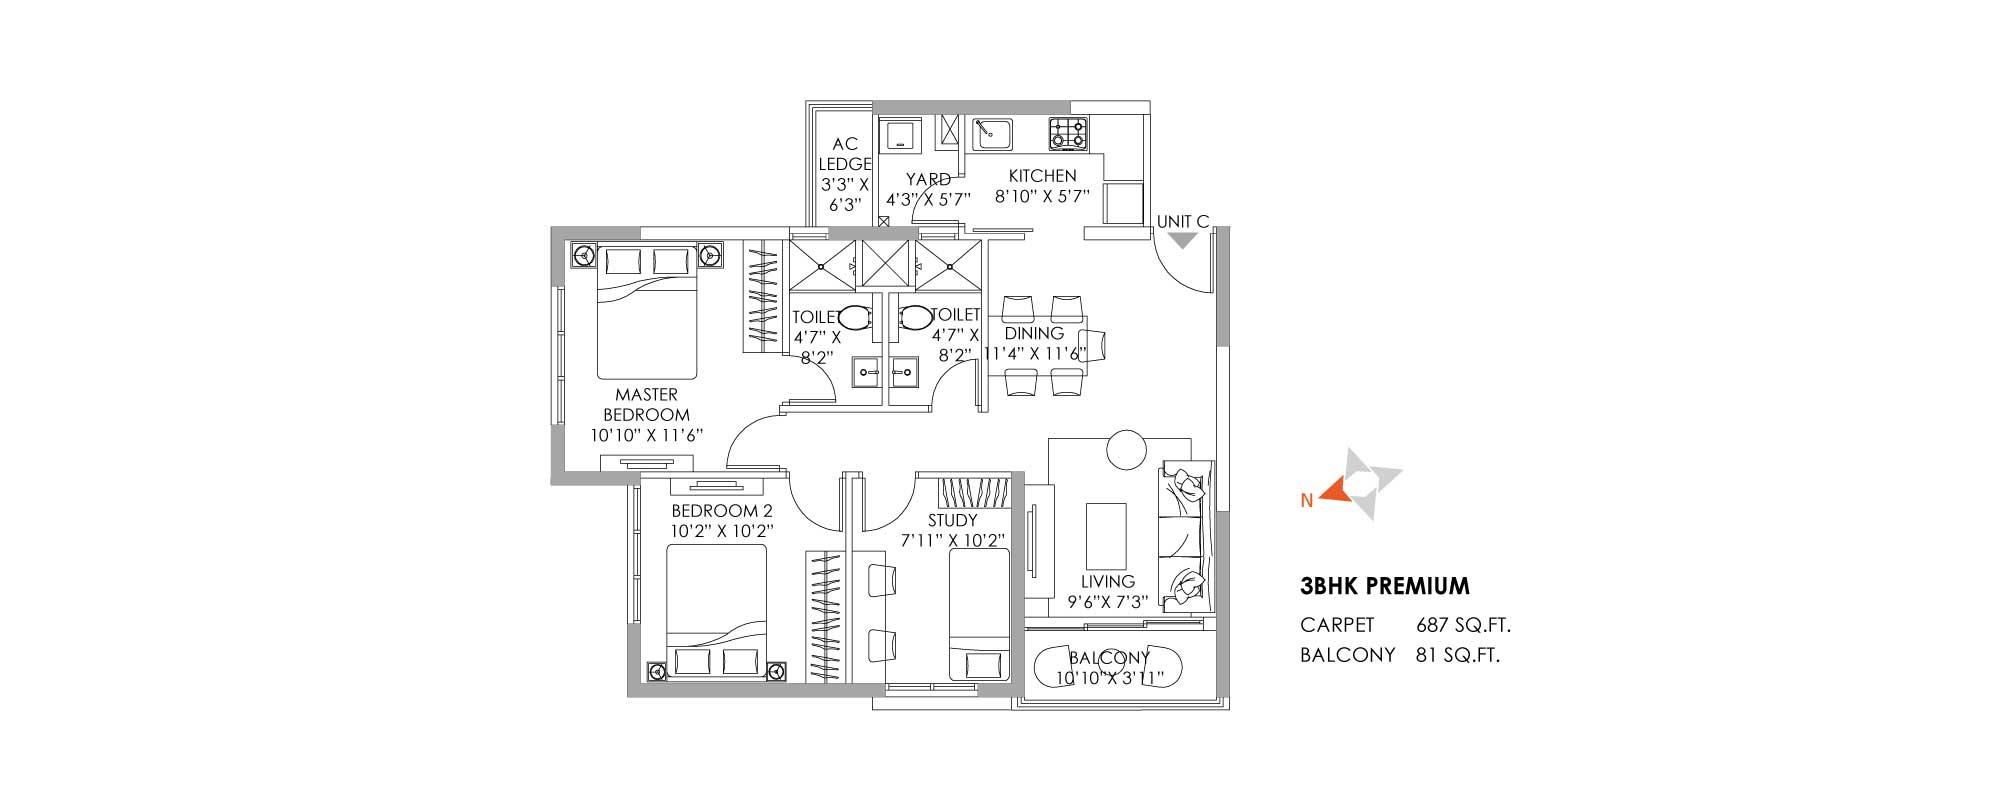 One10 Unit Plan Premium 687 SQFT